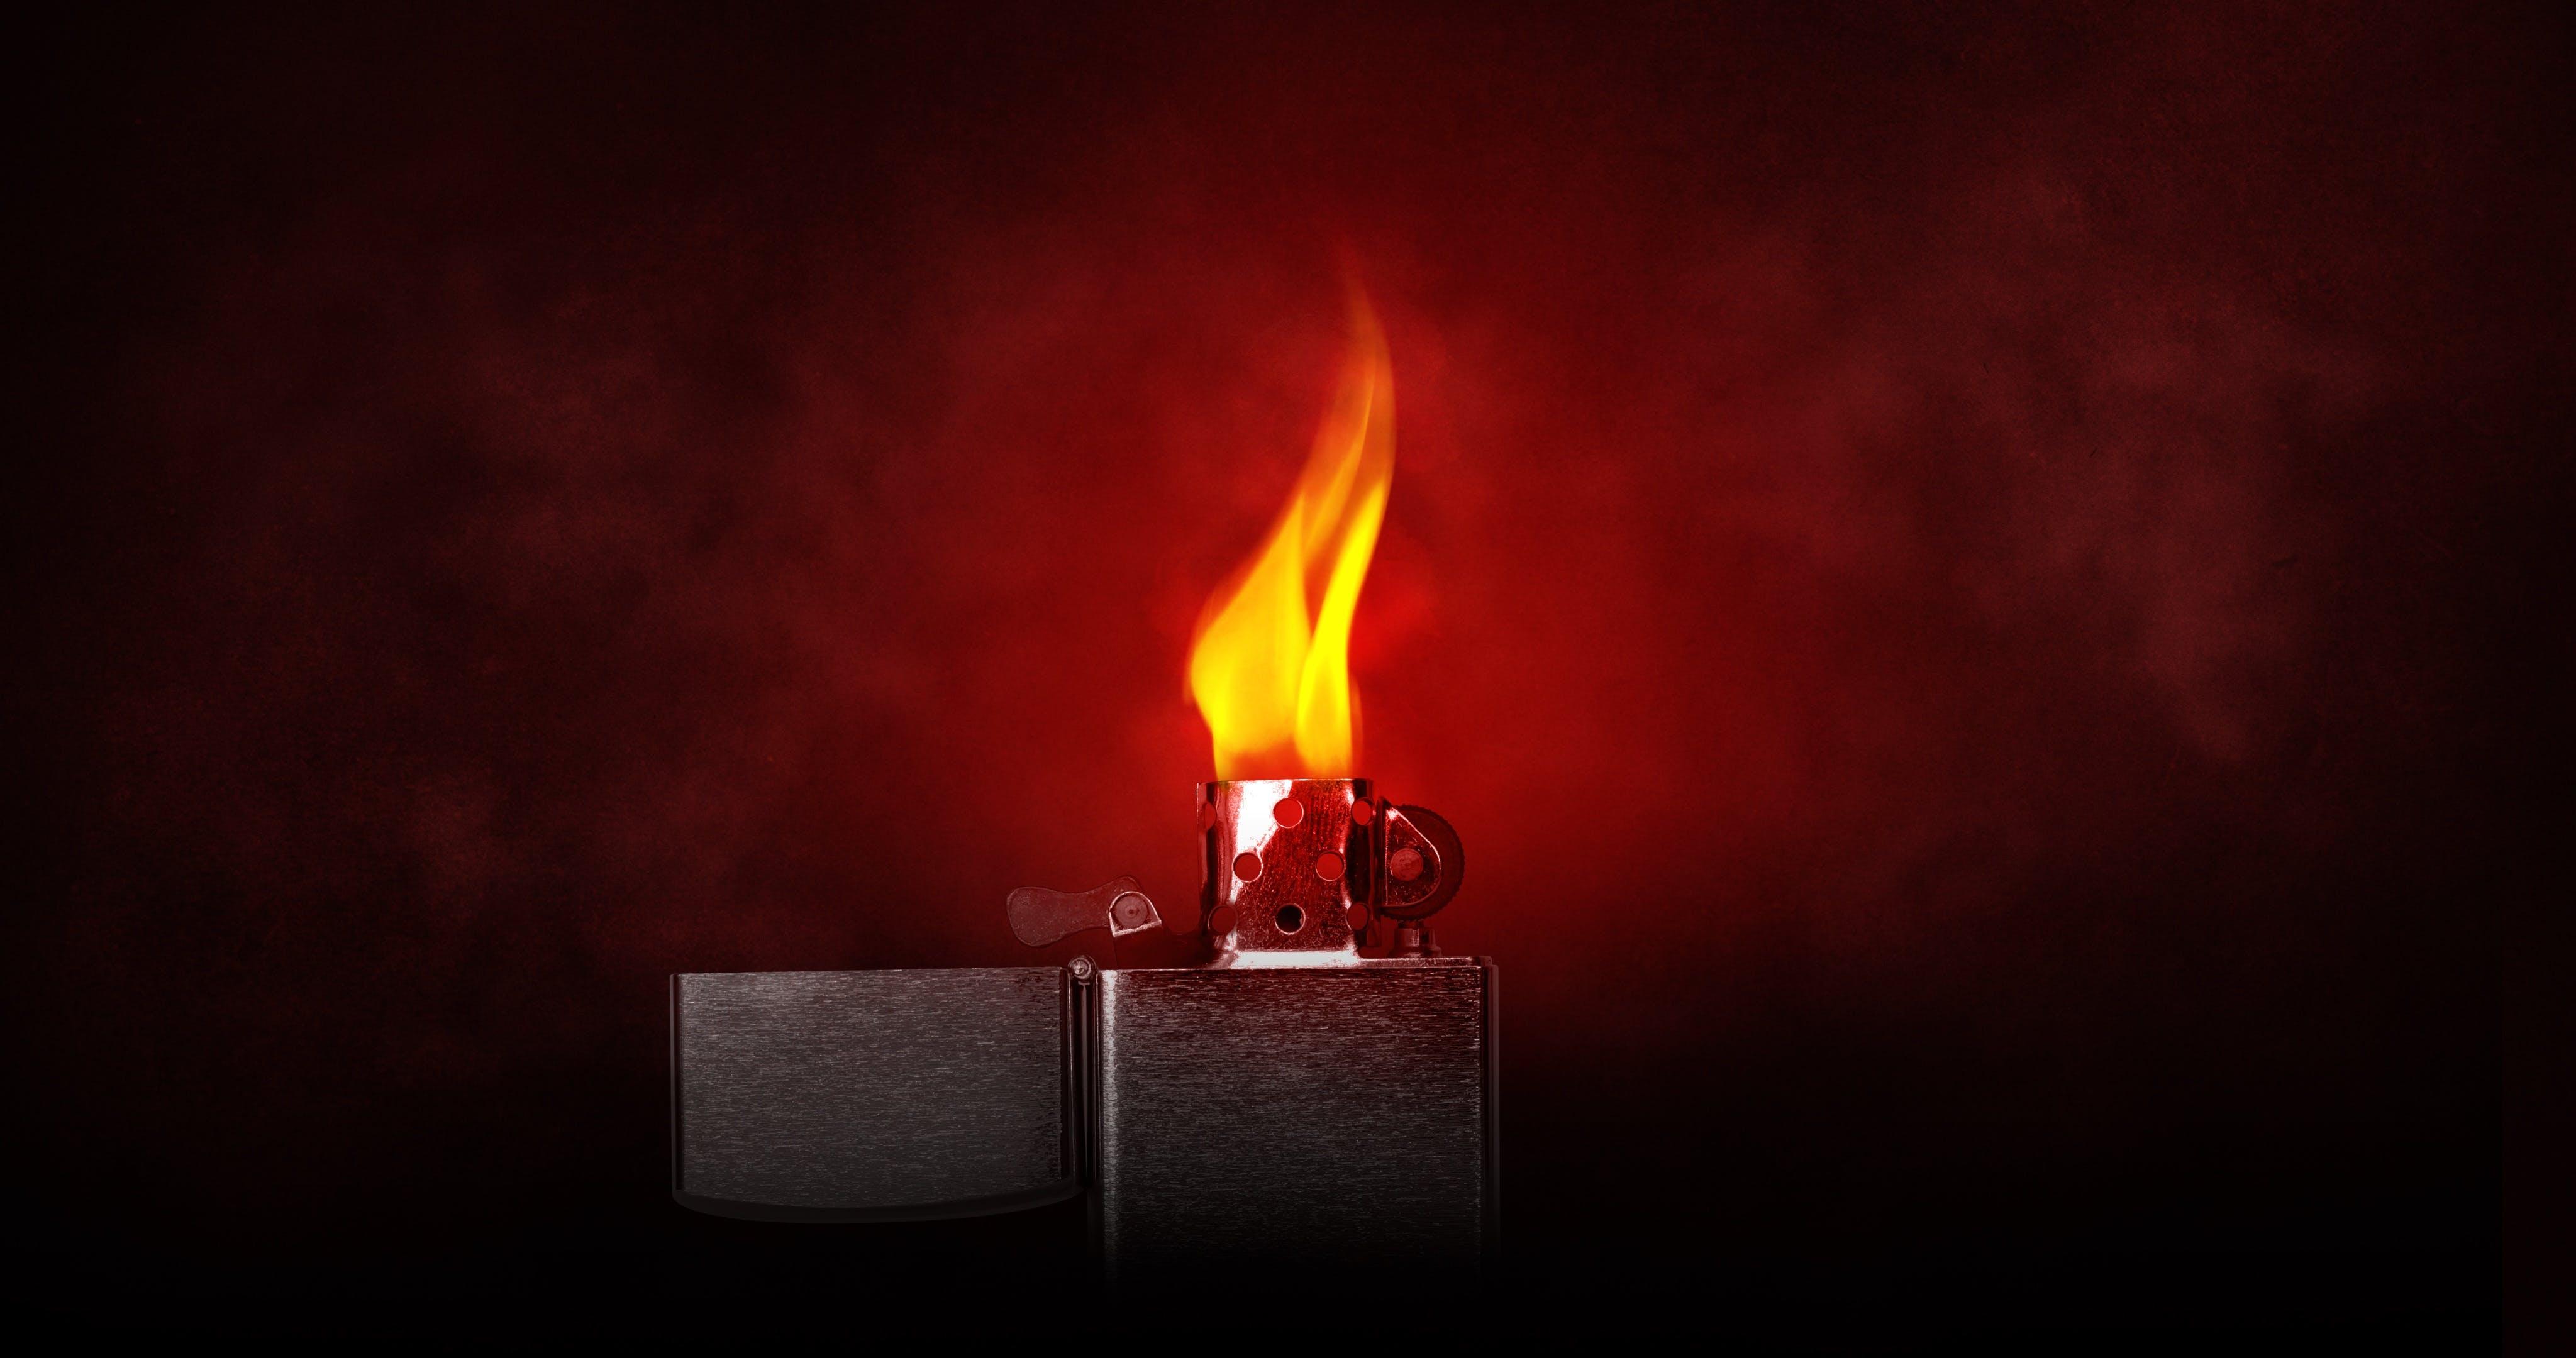 Kostenloses Stock Foto zu feuer, feuerzeug, flamme, heiß